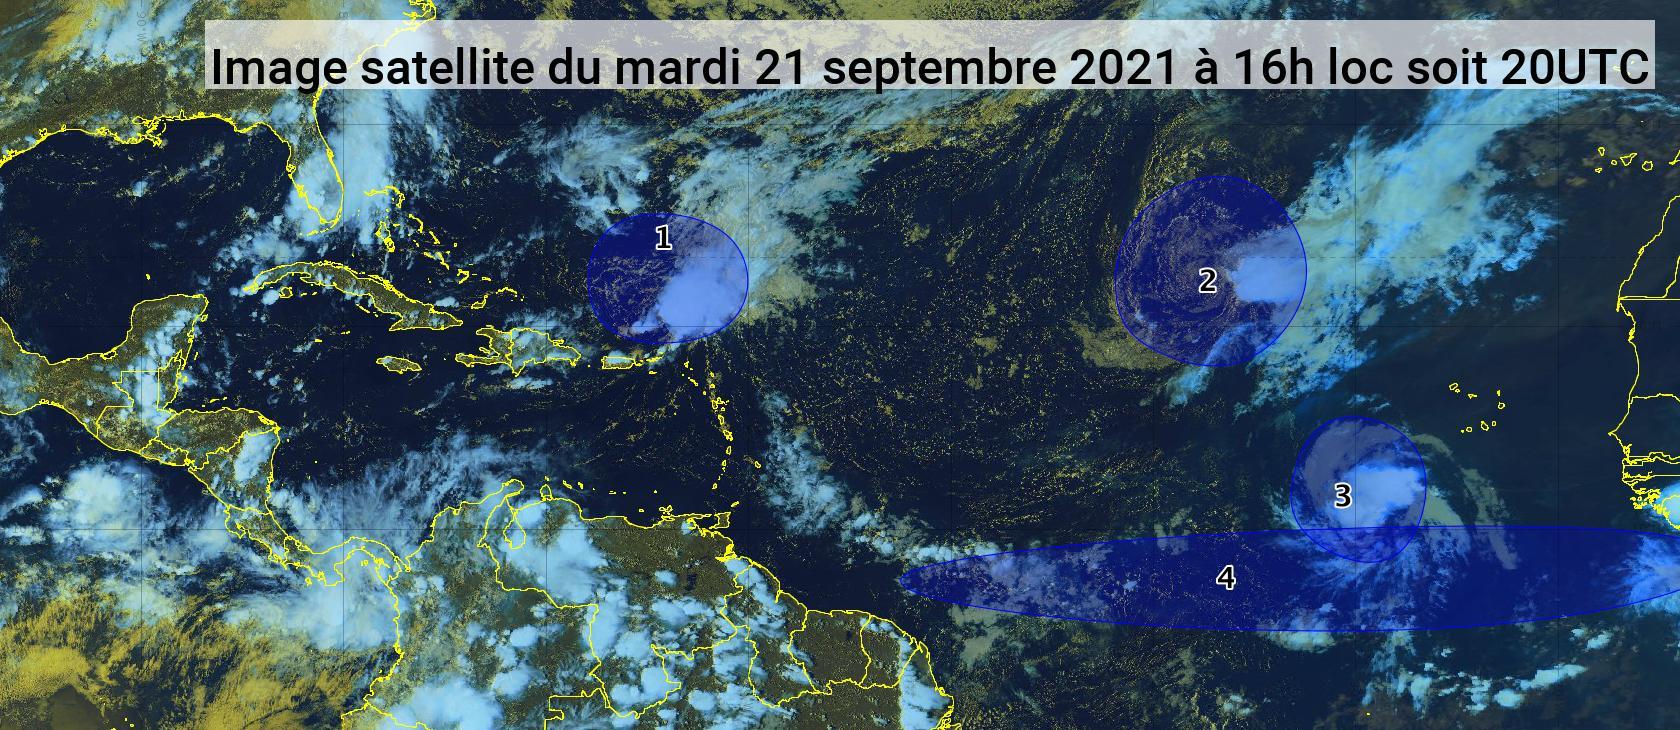 Deux phénomènes cycloniques et deux ondes tropicales dans l'Atlantique (bulletin du 21/09/21)